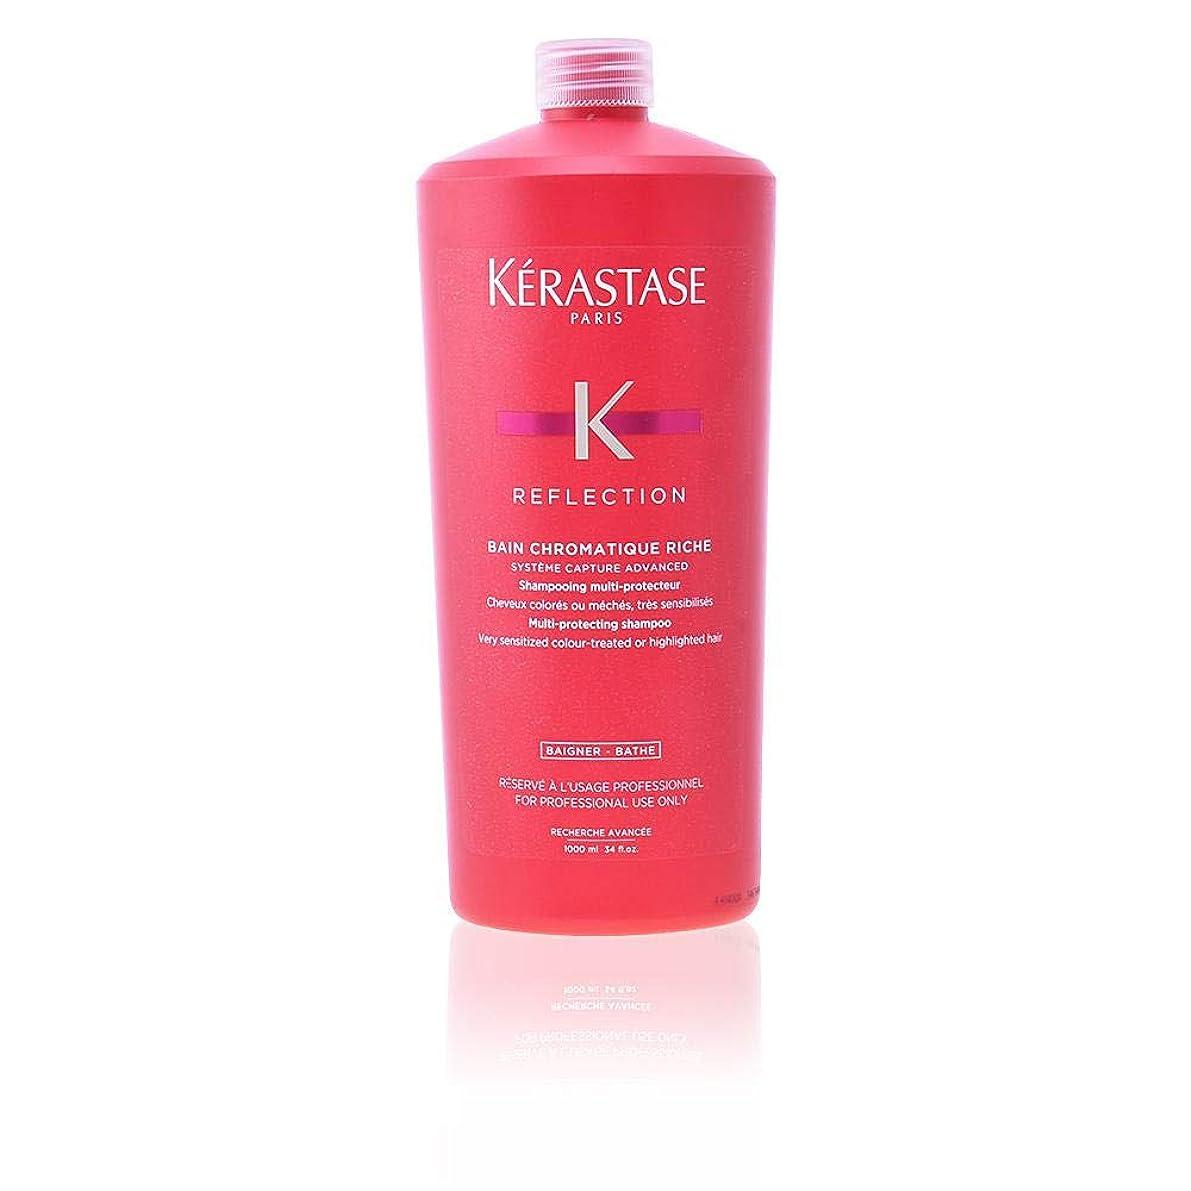 強化海外結び目ケラスターゼ Reflection Bain Chromatique Riche Multi-Protecting Shampoo (Very Sensitized Colour-Treated or Highlighted Hair) 1000ml/34oz並行輸入品